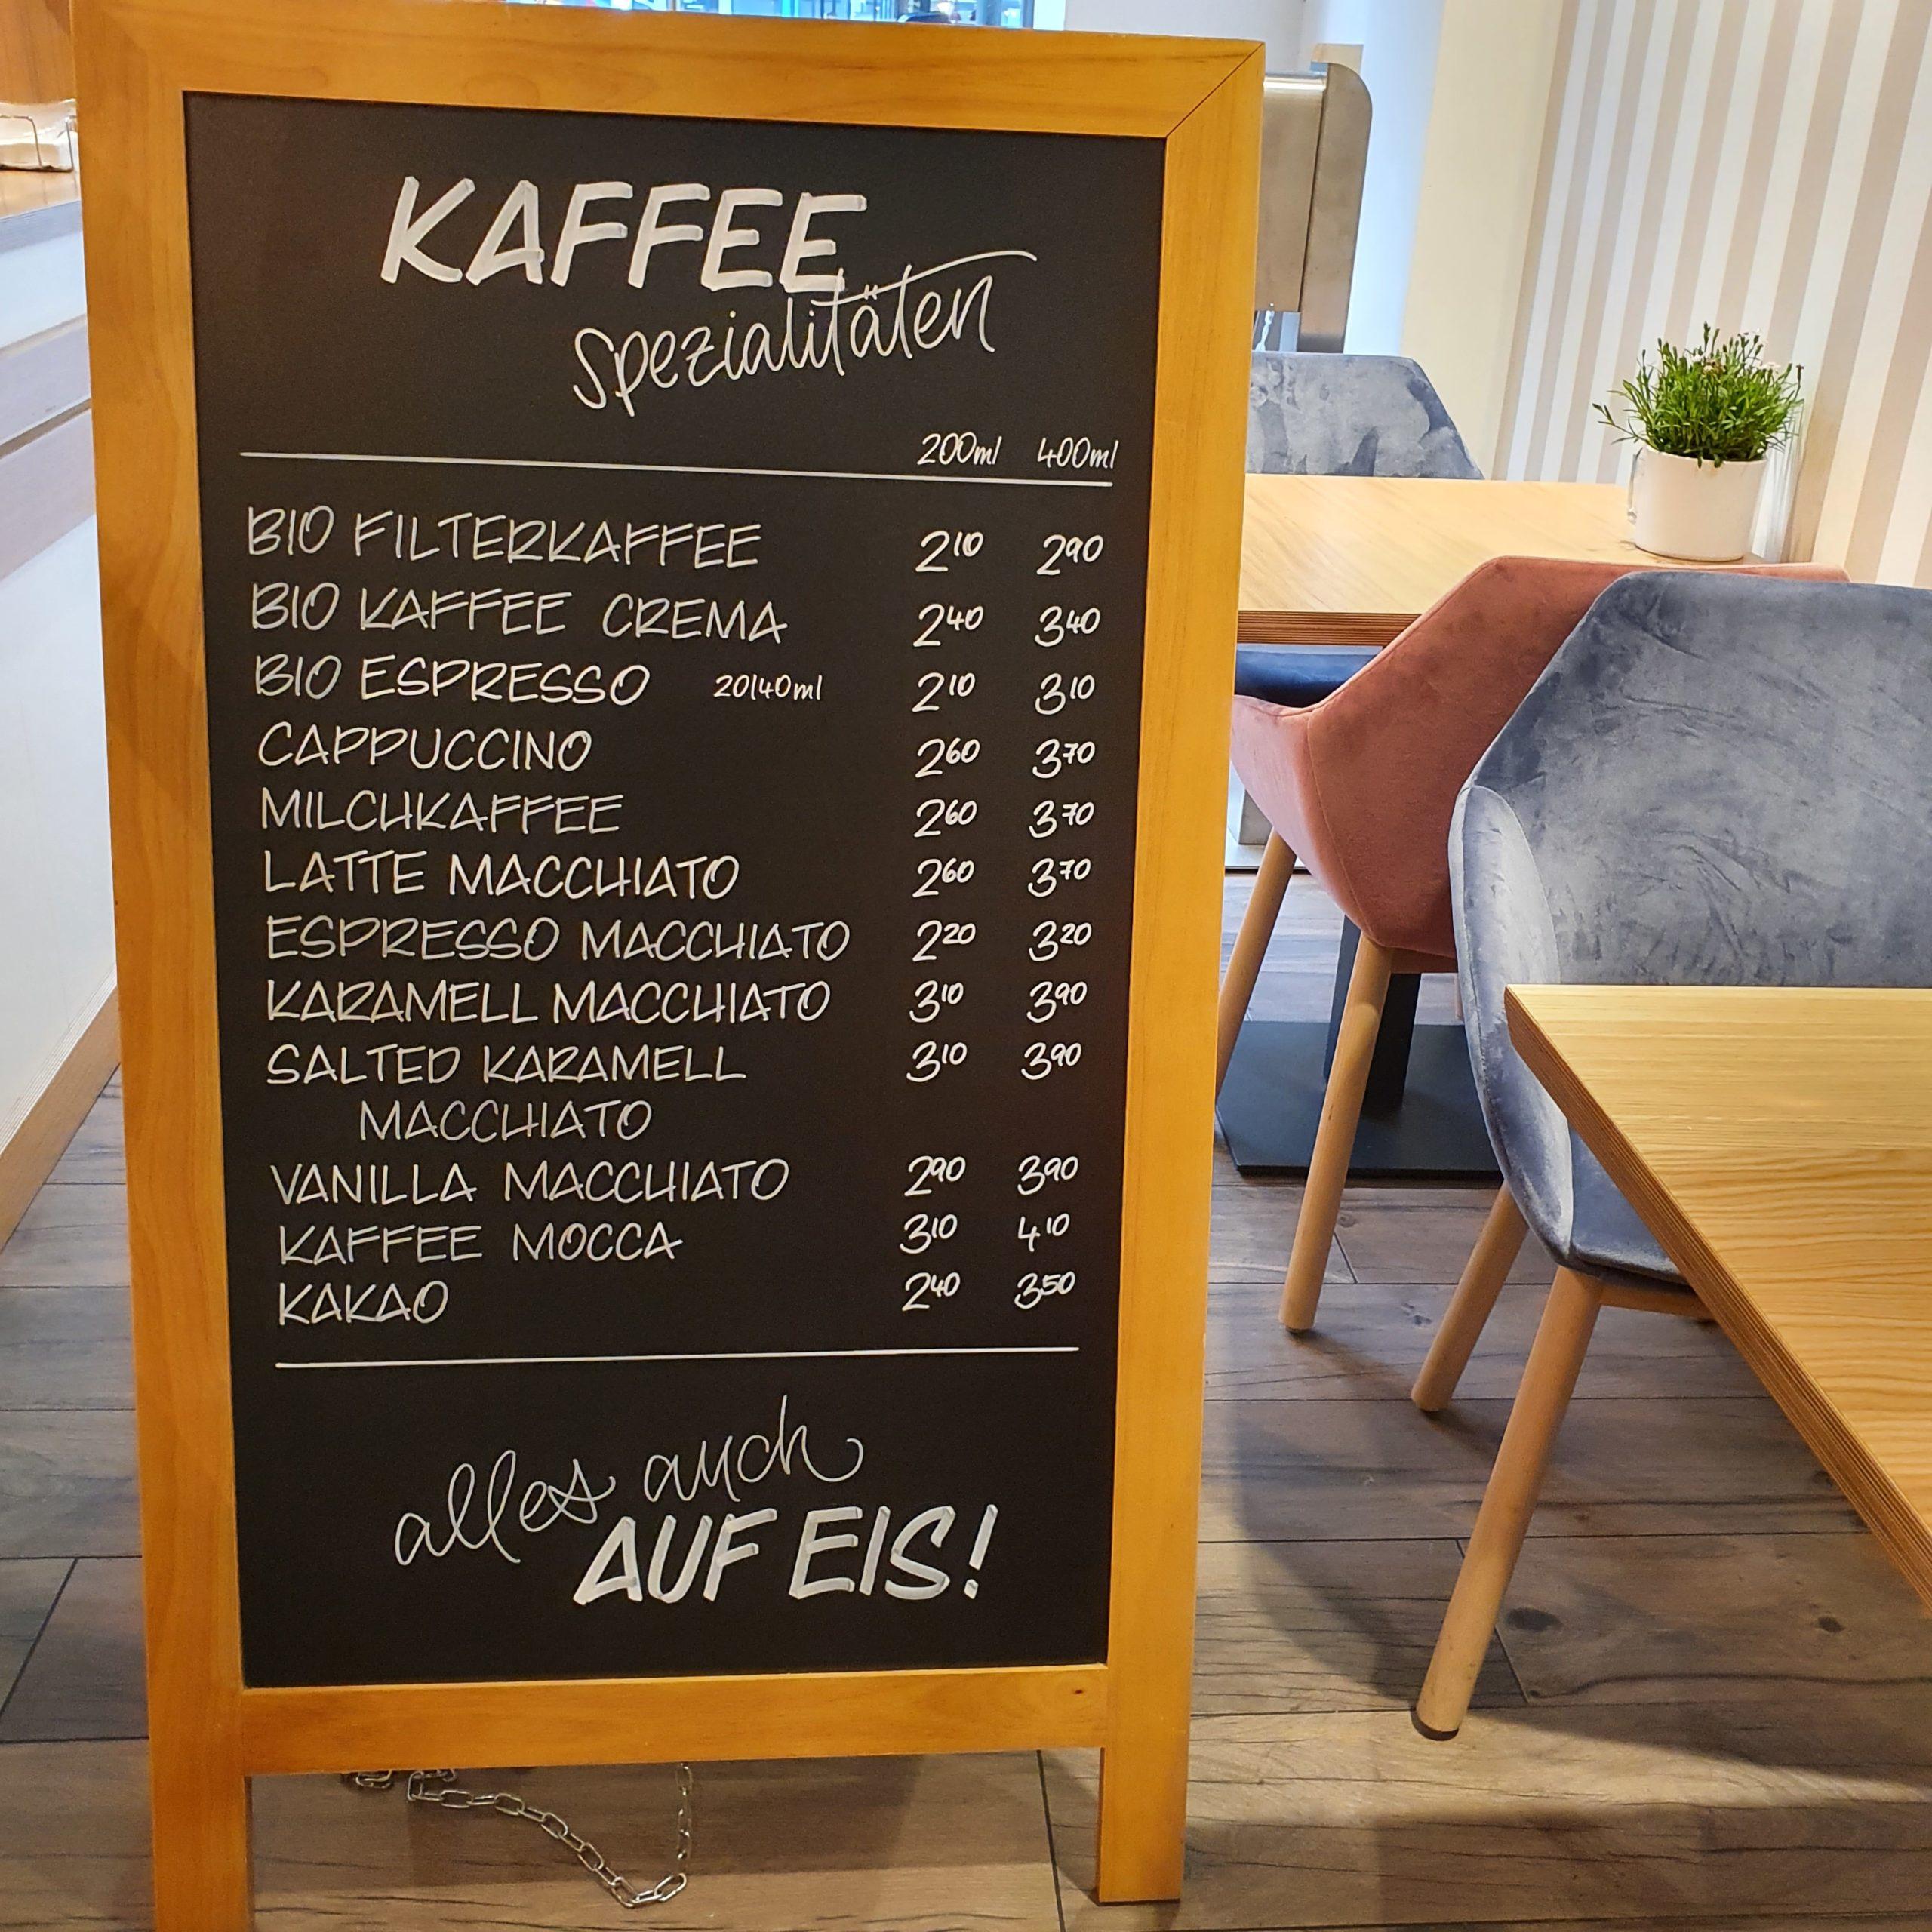 Tafelbeschriftung mit Kaffeespezialitäten auf einem Aufsteller